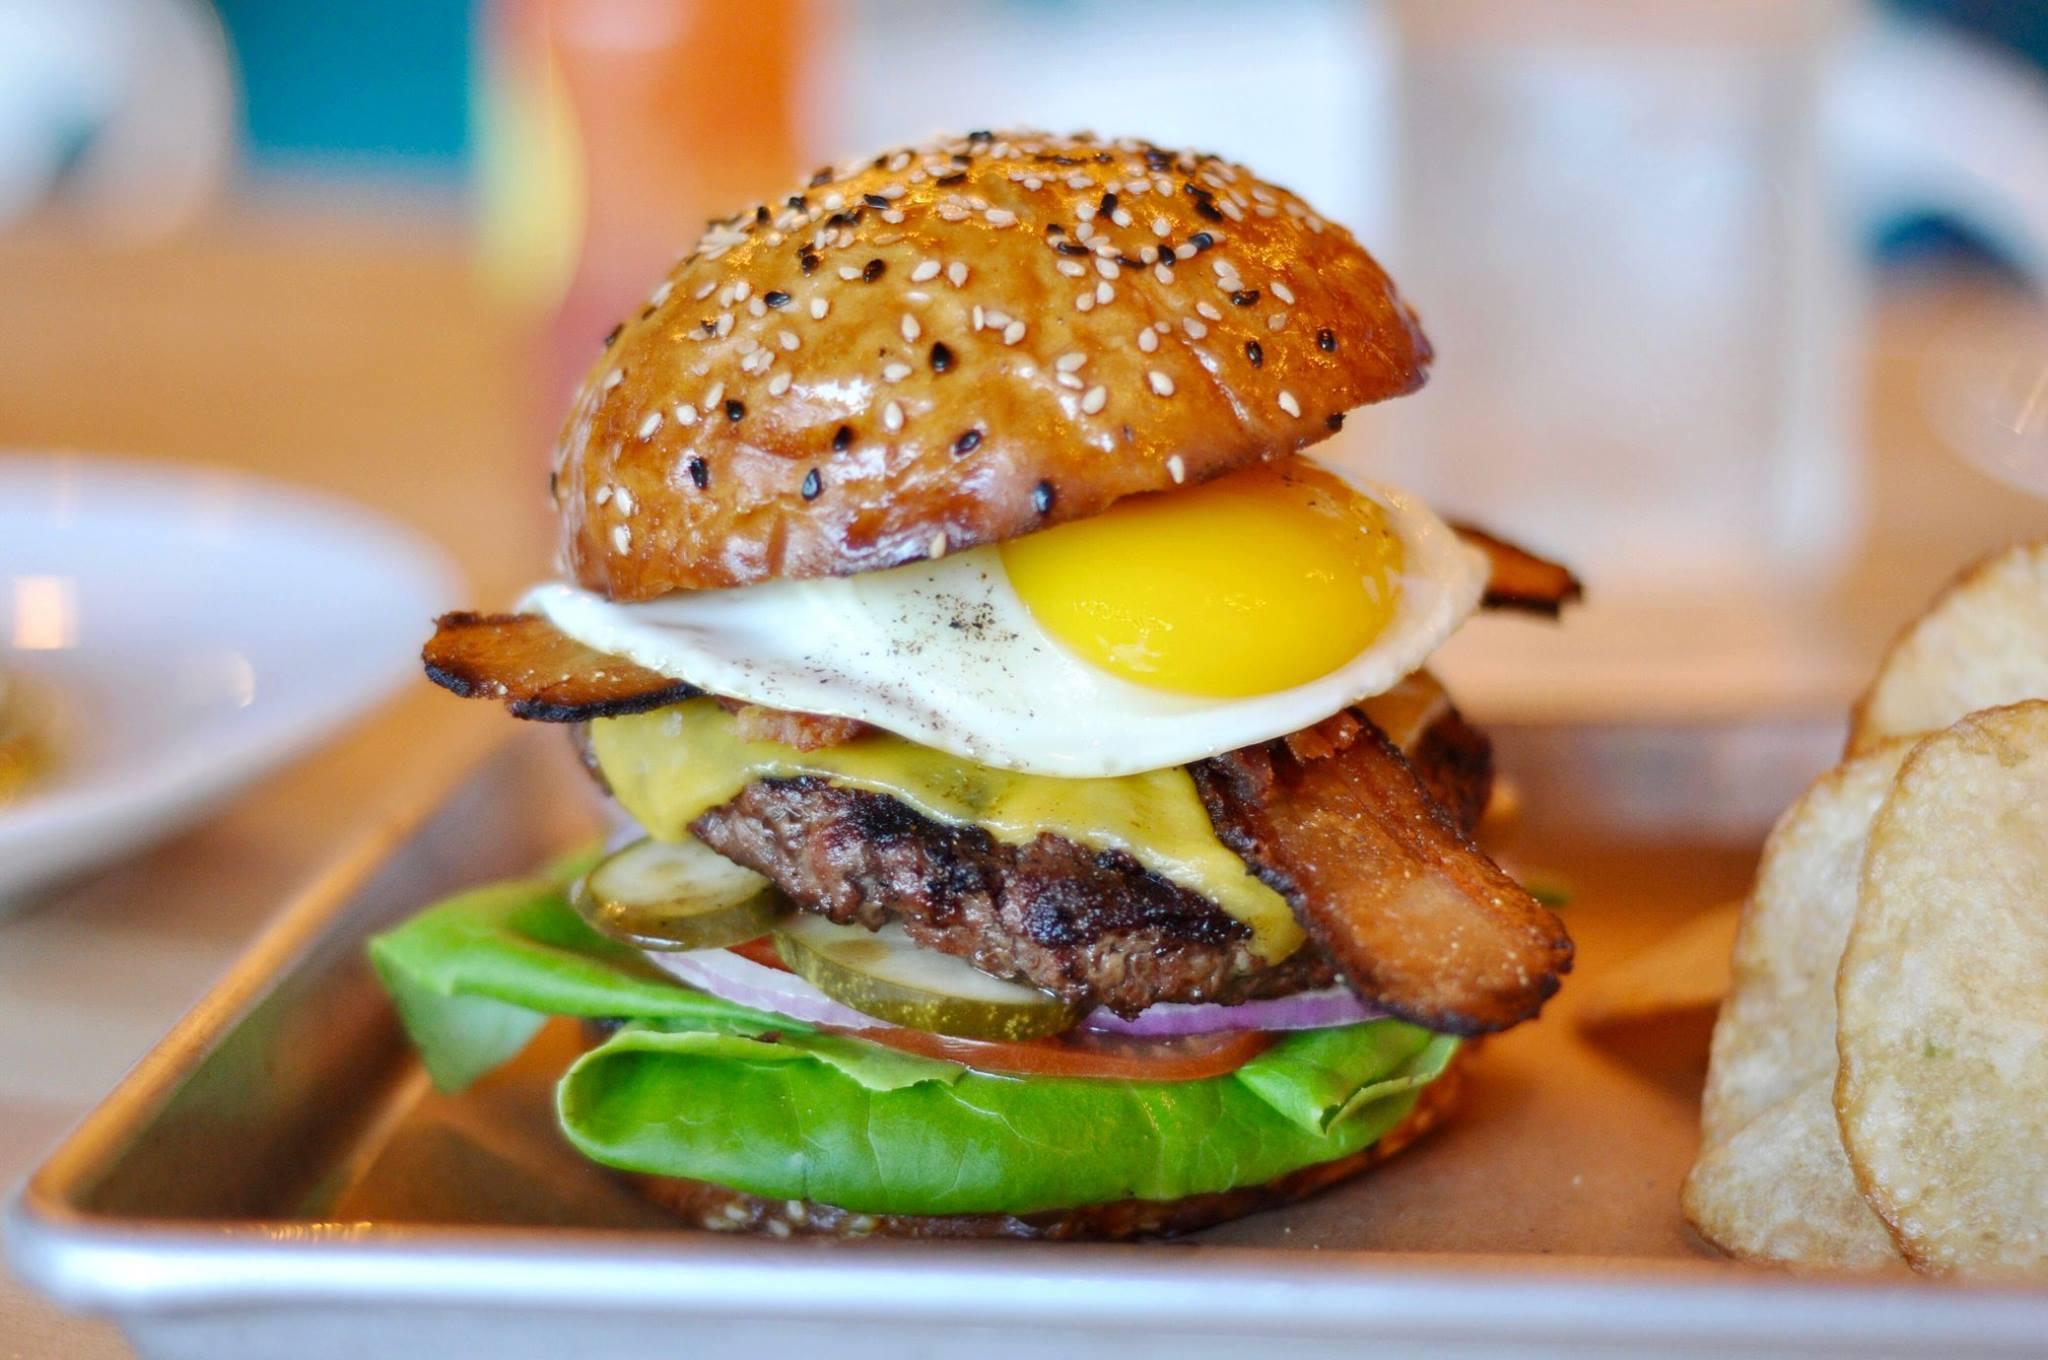 Delicious' brunch burger